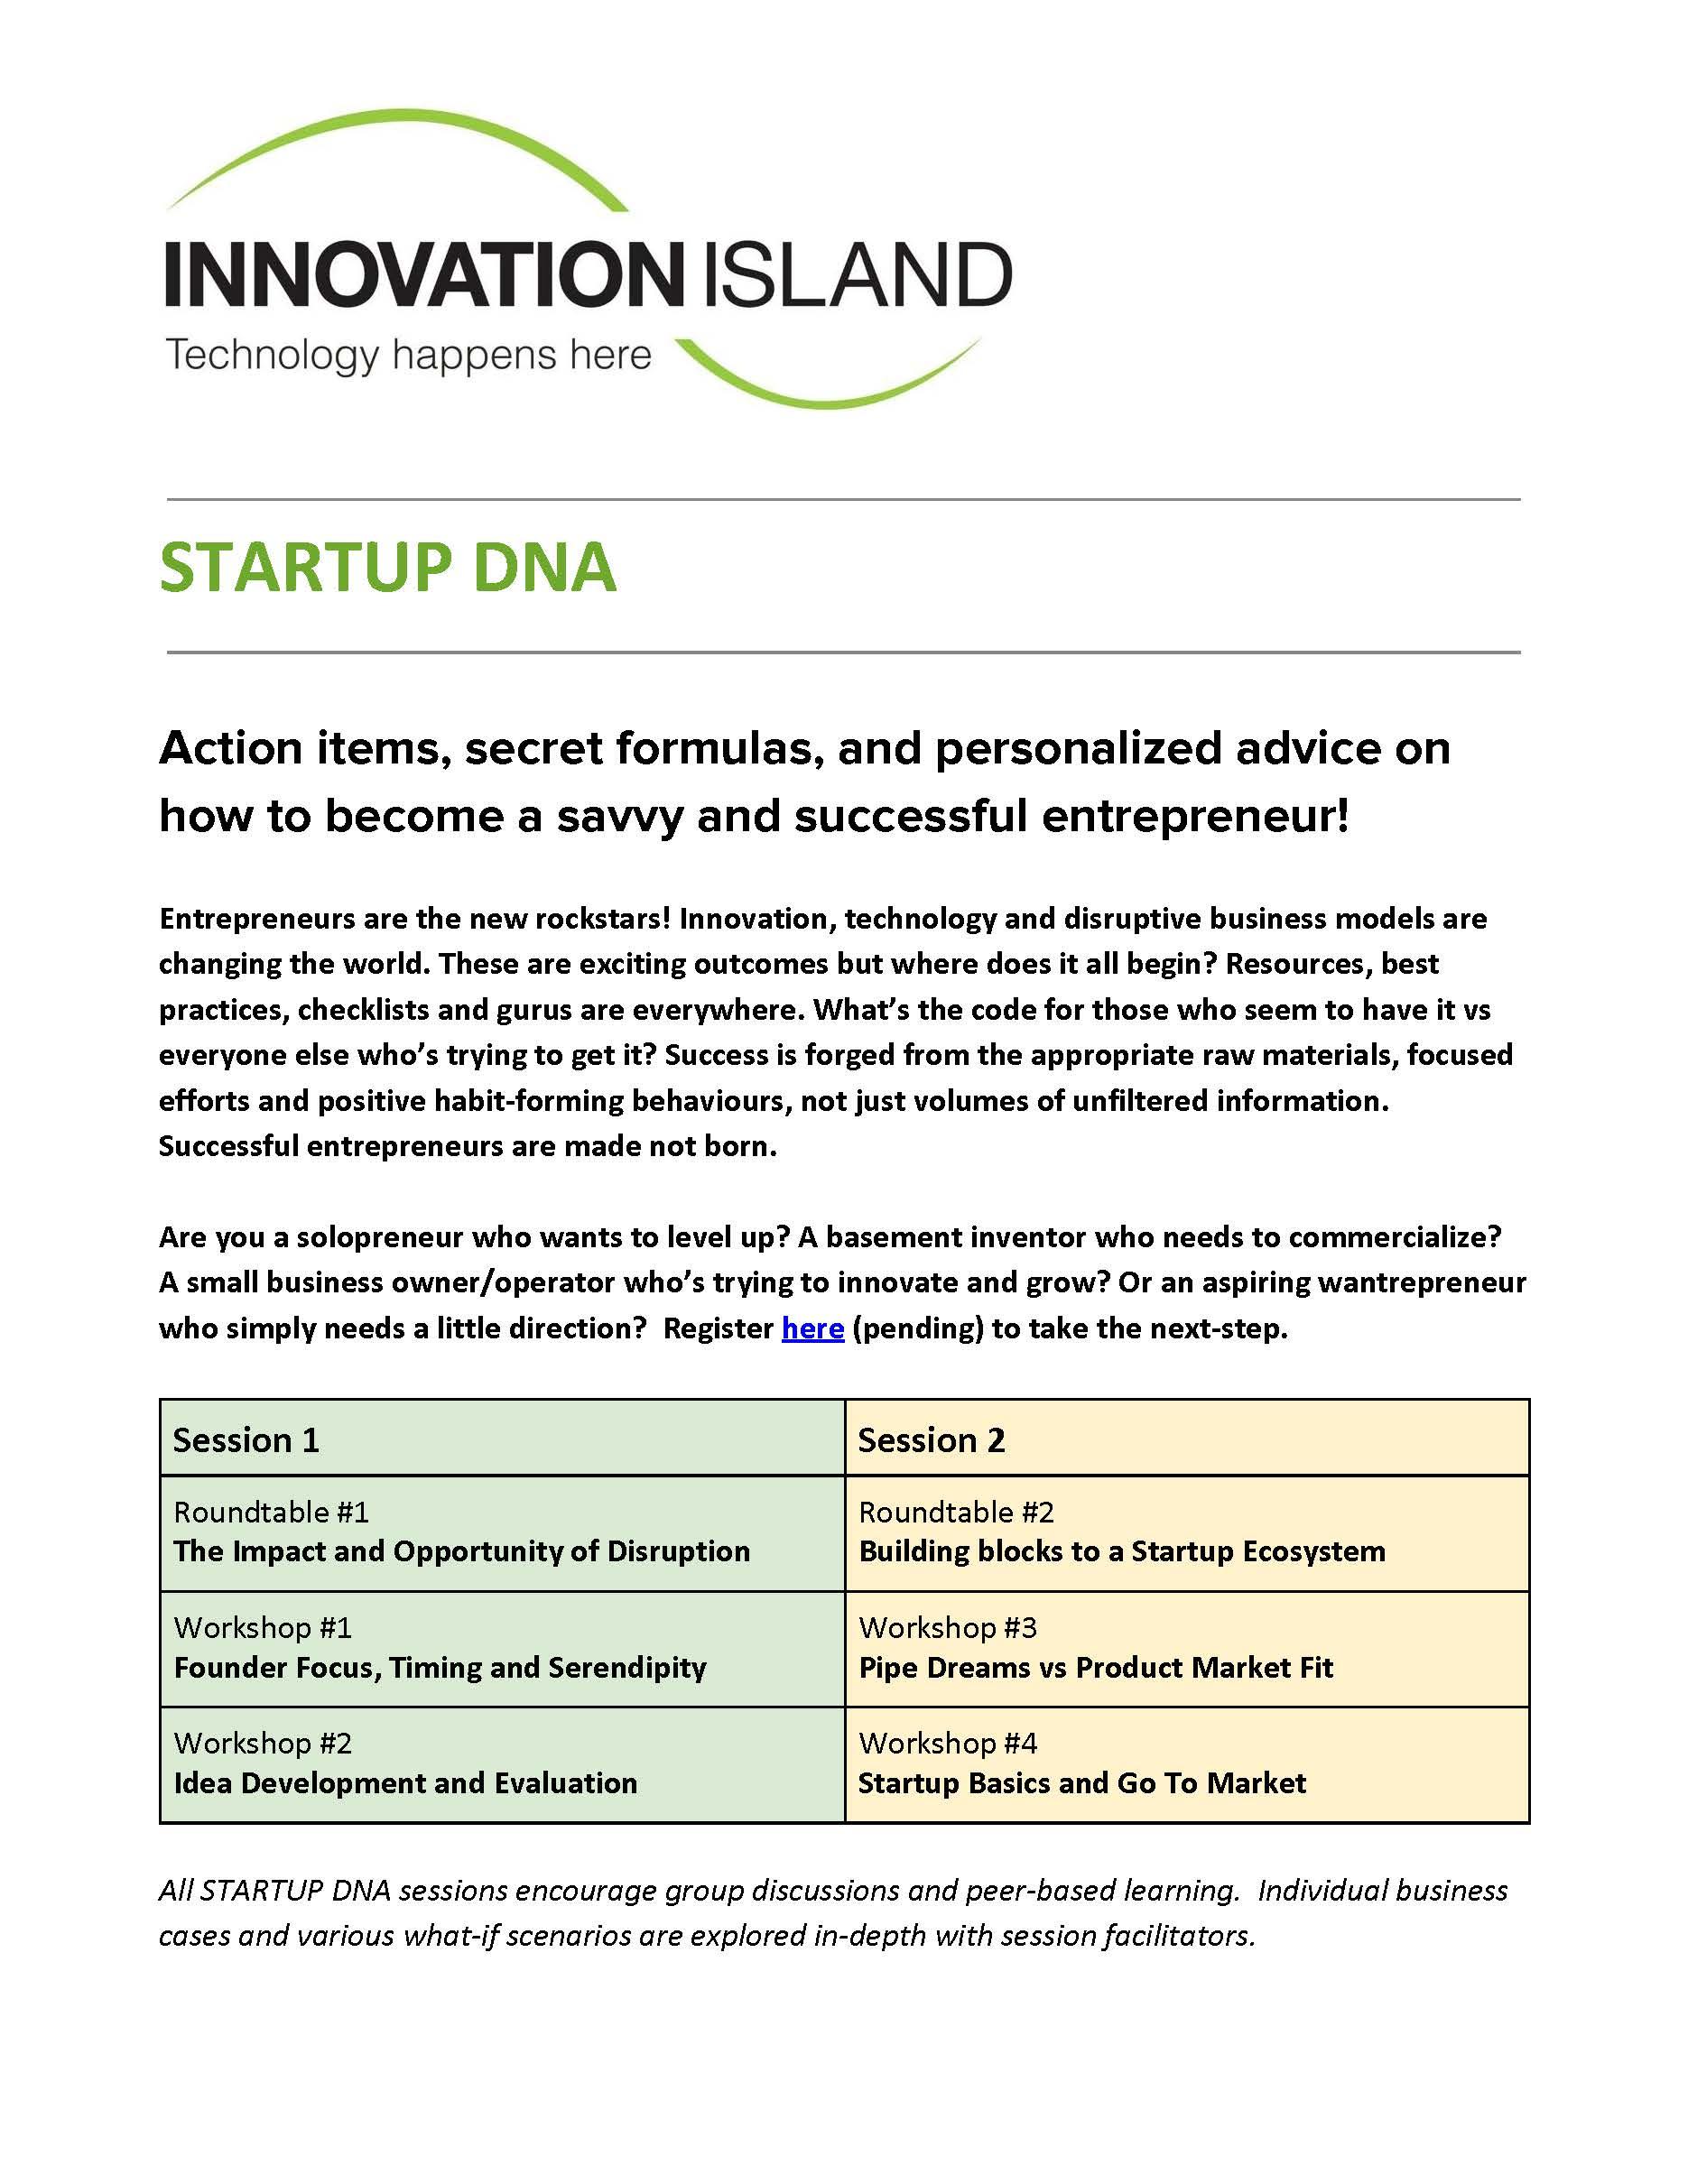 Startup DNA - Primer